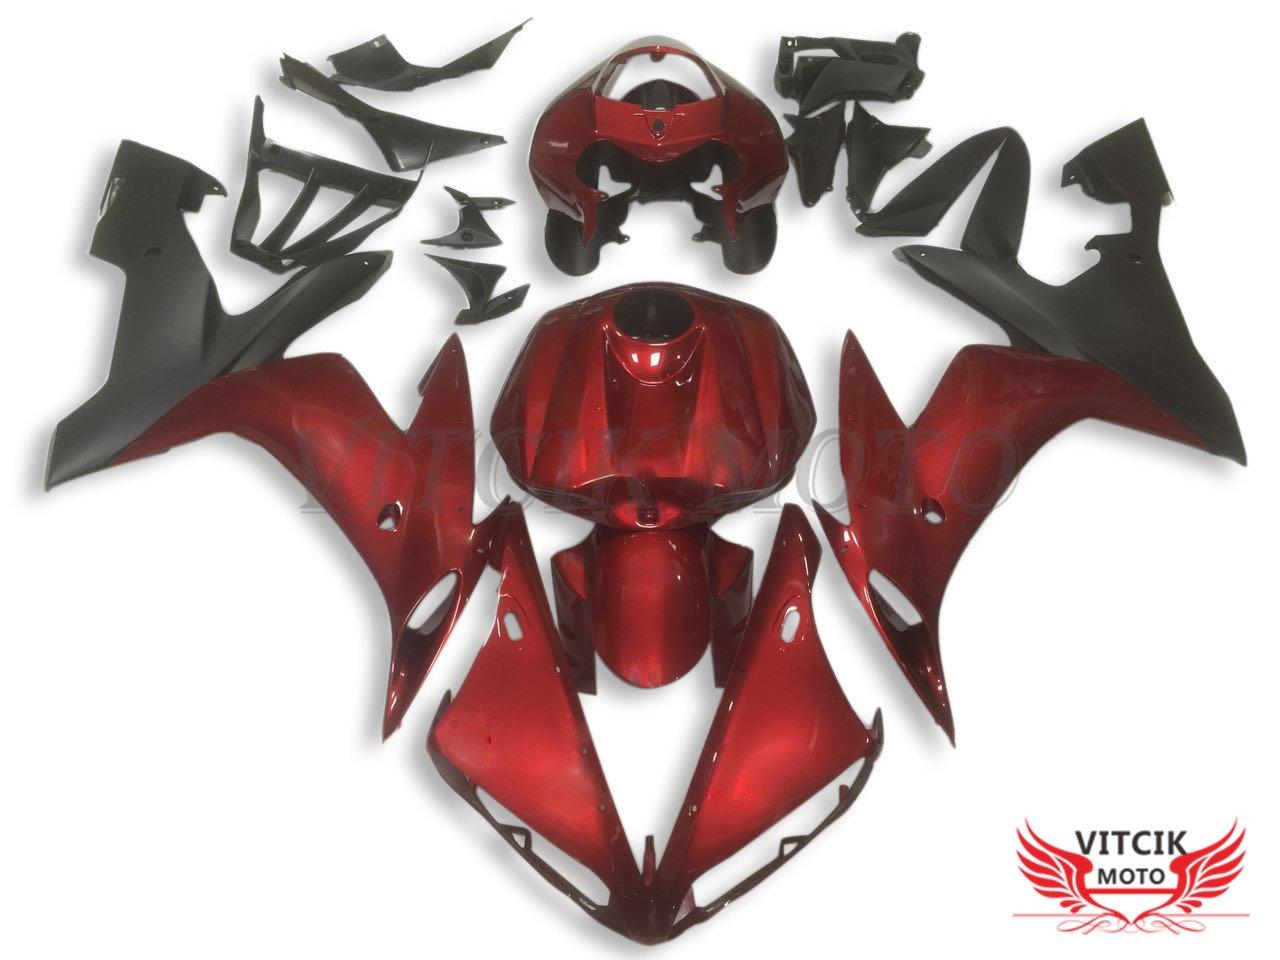 VITCIK (フェアリングキット 対応車種 ヤマハ Yamaha YZF-1000 R1 2004 2005 2006 YZF 1000 R1 04 05 06) プラスチックABS射出成型 完全なオートバイ車体 アフターマーケット車体フレーム 外装パーツセット(レッド & ブラック) A066   B075GWF6GS